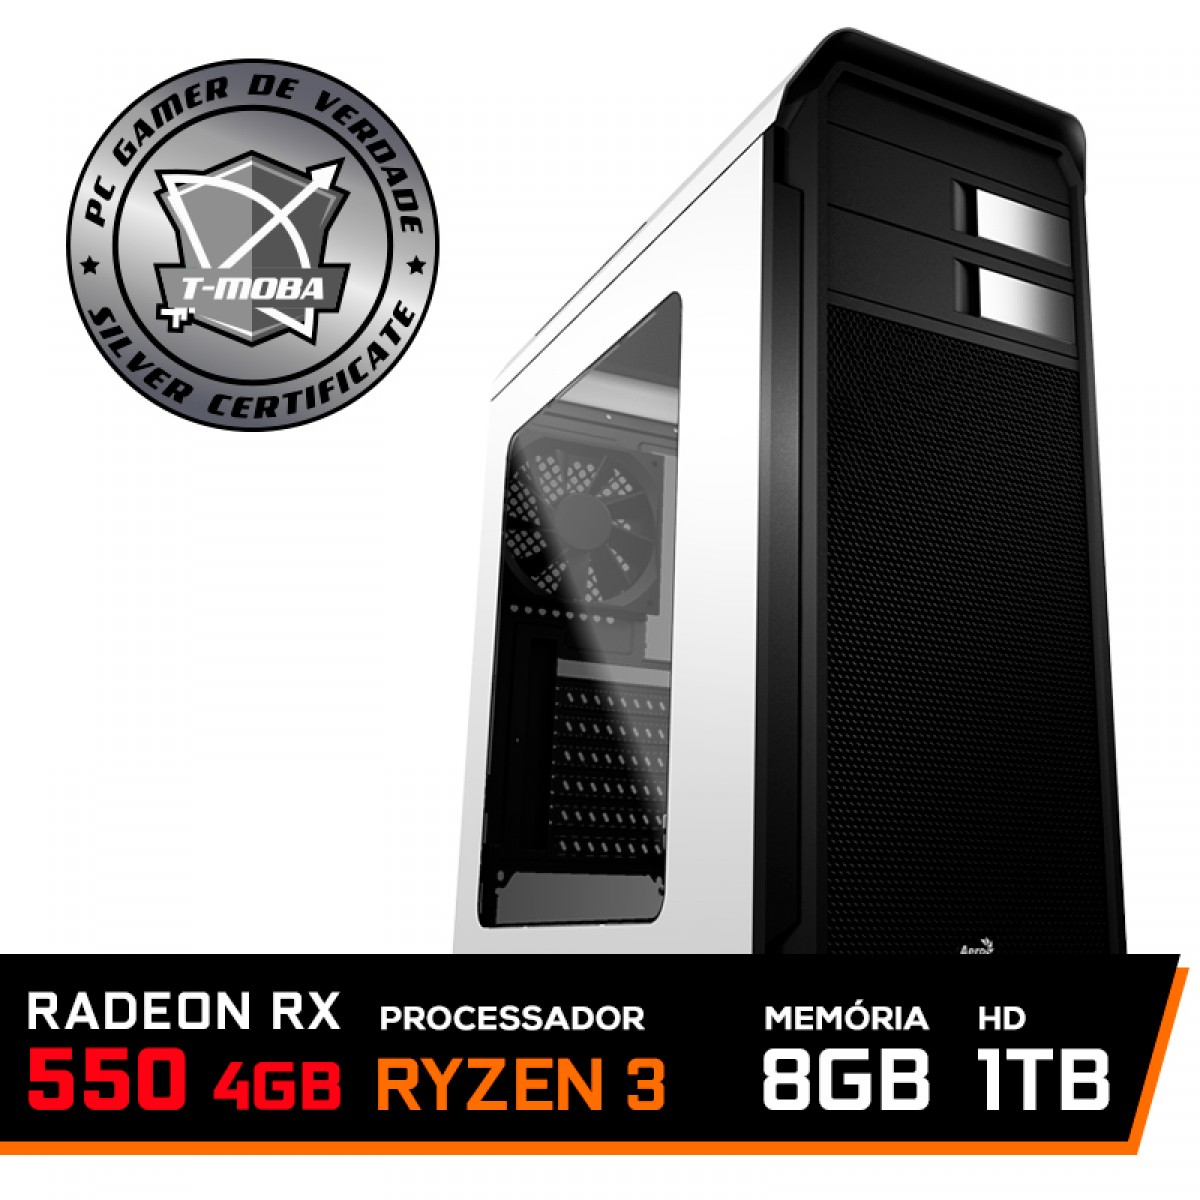 Pc Gamer Tera Edition AMD Ryzen 3 2200G / Radeon Rx 550 4GB  / DDR4 8GB / HD 1TB / 500W